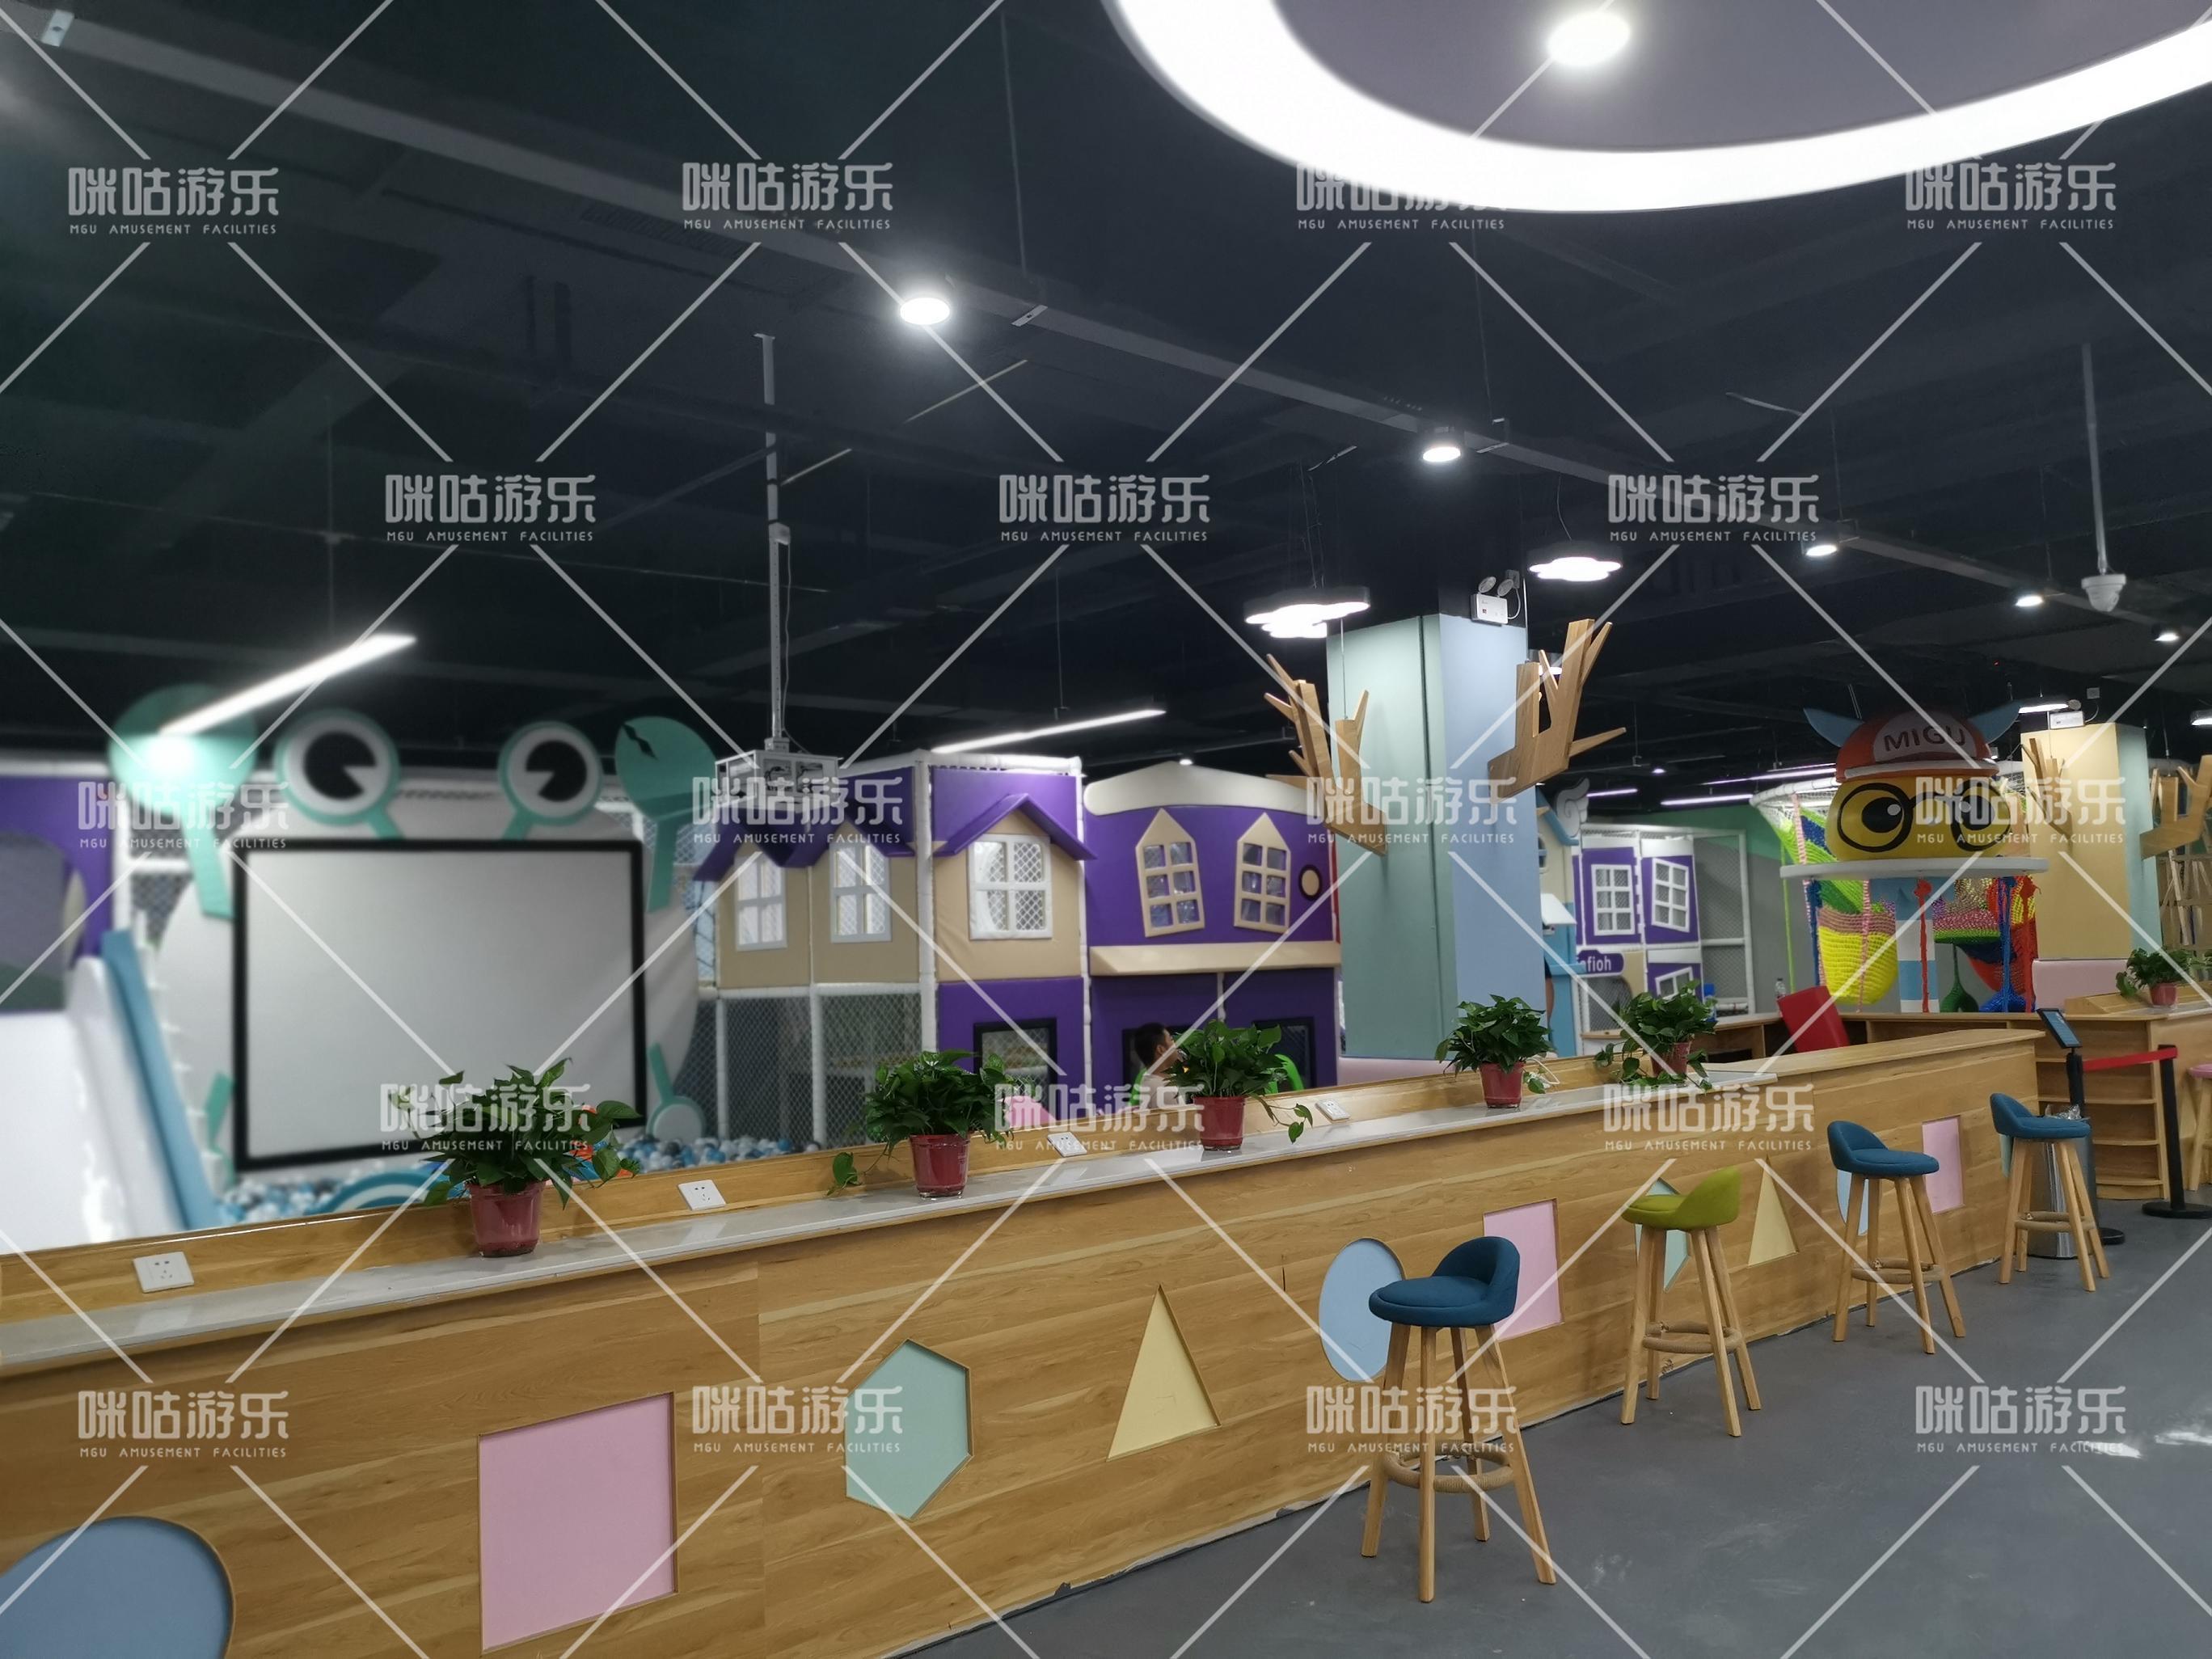 微信图片_20200429155902.jpg 晋城开儿童乐园要多少钱? 加盟资讯 游乐设备第4张